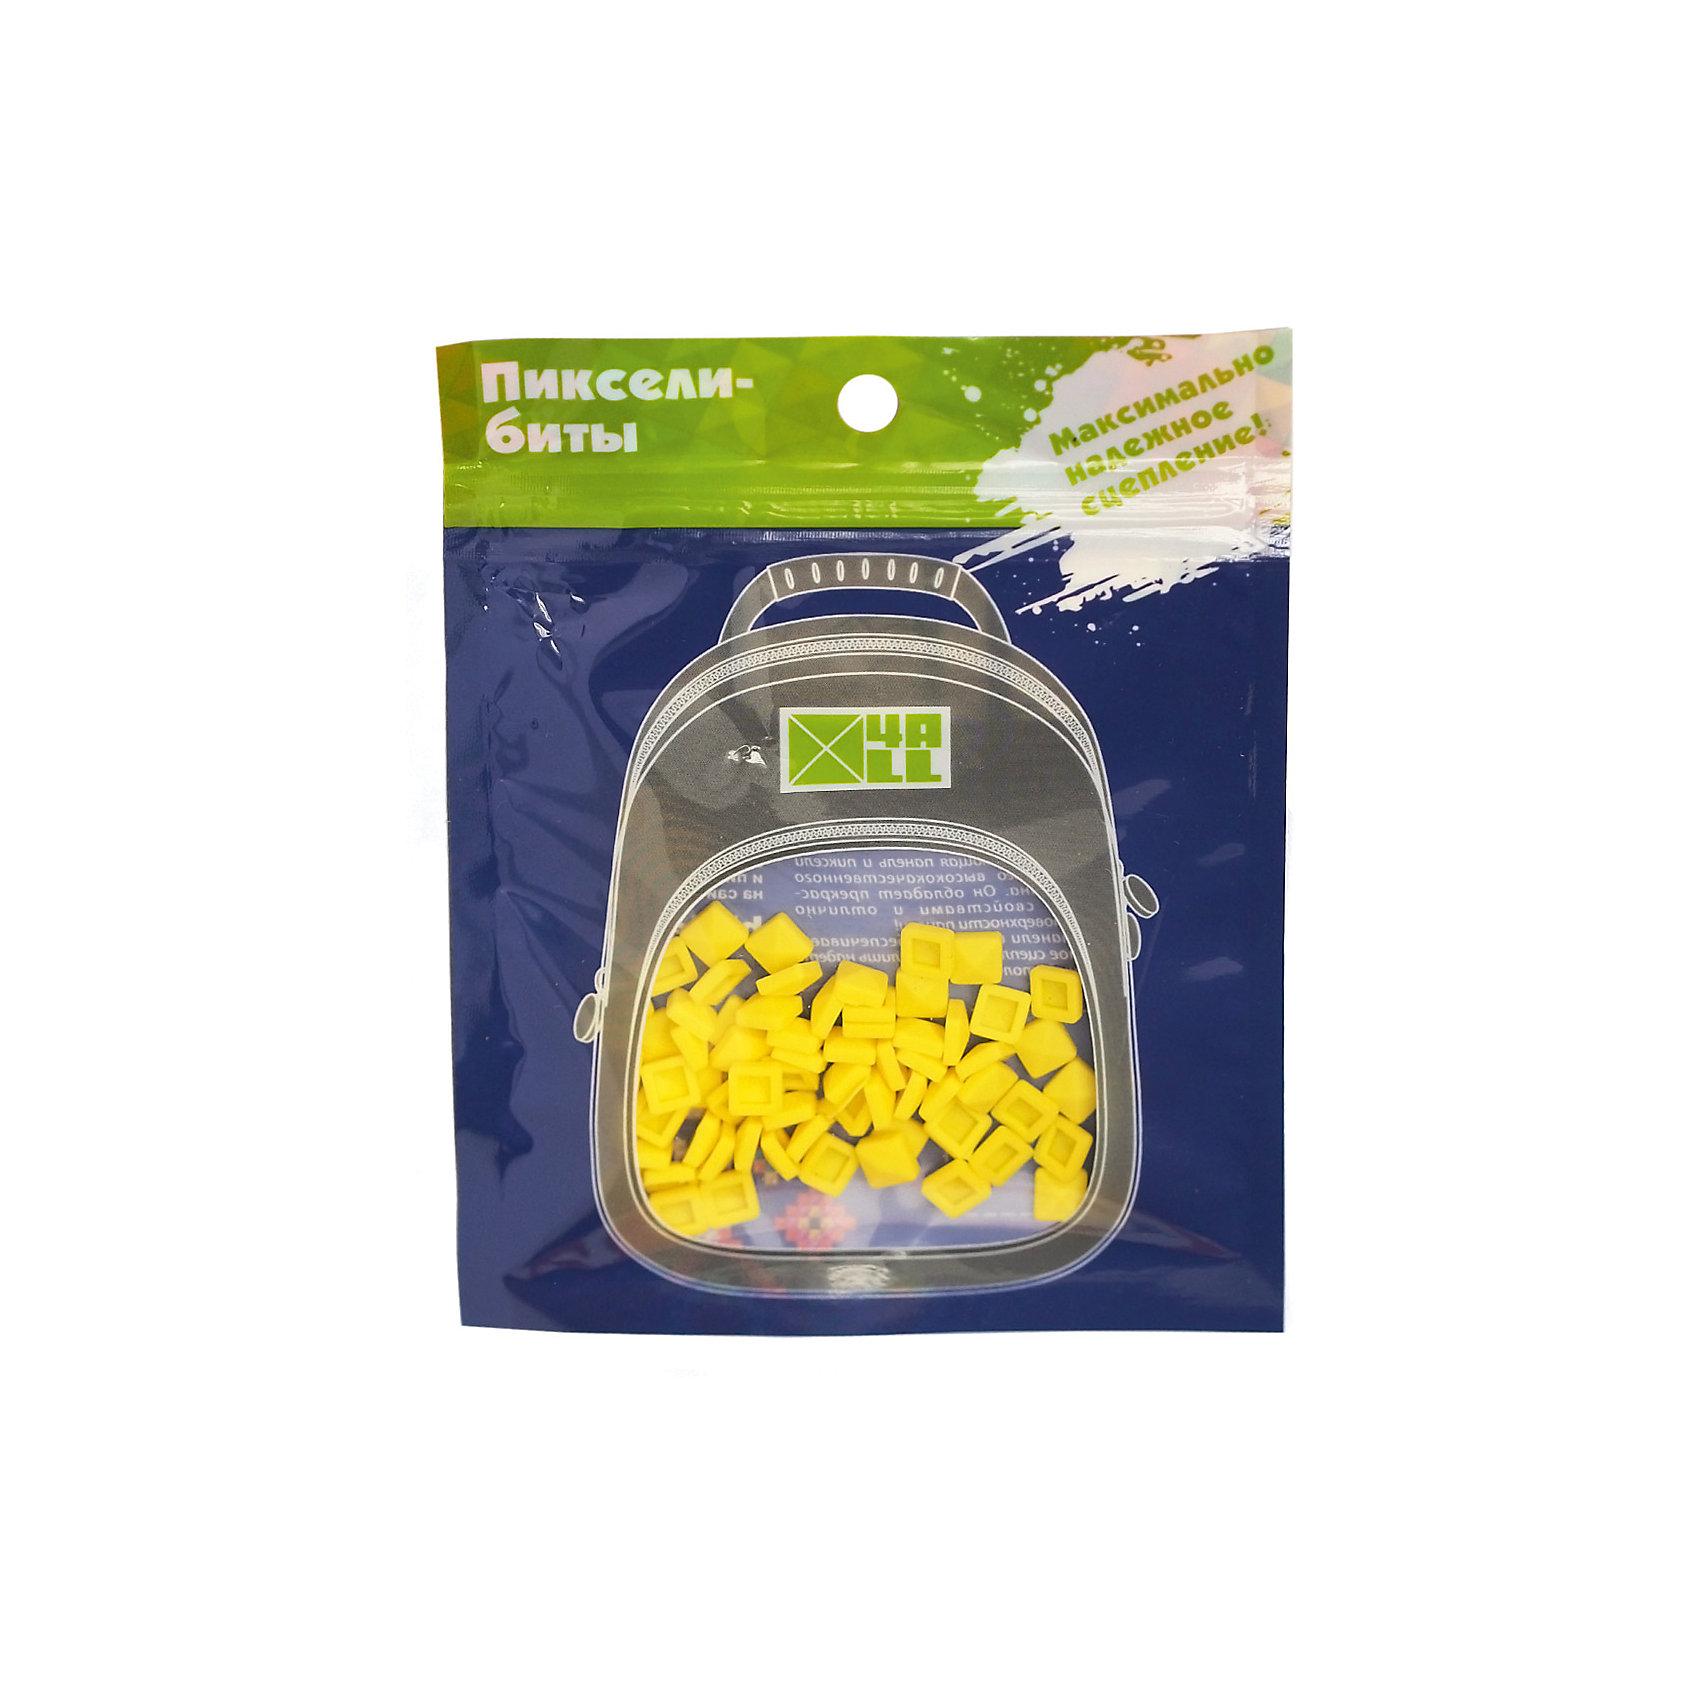 Набор для рюкзака 4ALL пиксель-Бит, светло-желтый, 80 штРюкзаки<br>Набор для творчества пиксель-Бит, светло-желтый, 80 шт.<br><br>Характеристики:<br><br>• Для детей от 3 лет<br>• Количество: 80 шт.<br>• Размер: 0,4х0,4 см.<br>• Цвет: светло-желтый<br>• Материал: высококачественный силикон<br>• Размер упаковки: 14х11 см.<br><br>Придумай и создай дизайн своего рюкзака Kids самостоятельно с наборами для творчества пиксель-Бит. Биты для пикселей легко и прочно крепятся на переднюю панель рюкзака благодаря уникальной конструкции замка. Битами можно выкладывать любые картинки или слова. Набор подходит для декорирования рюкзаков серии 4all Kids. Изготовлен из высококачественного гипоаллергенного силикона. Развивает мелкую моторику рук, творческий потенциал и воображение.<br><br>Набор для творчества пиксель-Бит, светло-желтые, 80 шт можно купить в нашем интернет-магазине.<br><br>Ширина мм: 140<br>Глубина мм: 110<br>Высота мм: 50<br>Вес г: 25<br>Возраст от месяцев: 36<br>Возраст до месяцев: 2147483647<br>Пол: Унисекс<br>Возраст: Детский<br>SKU: 5490464